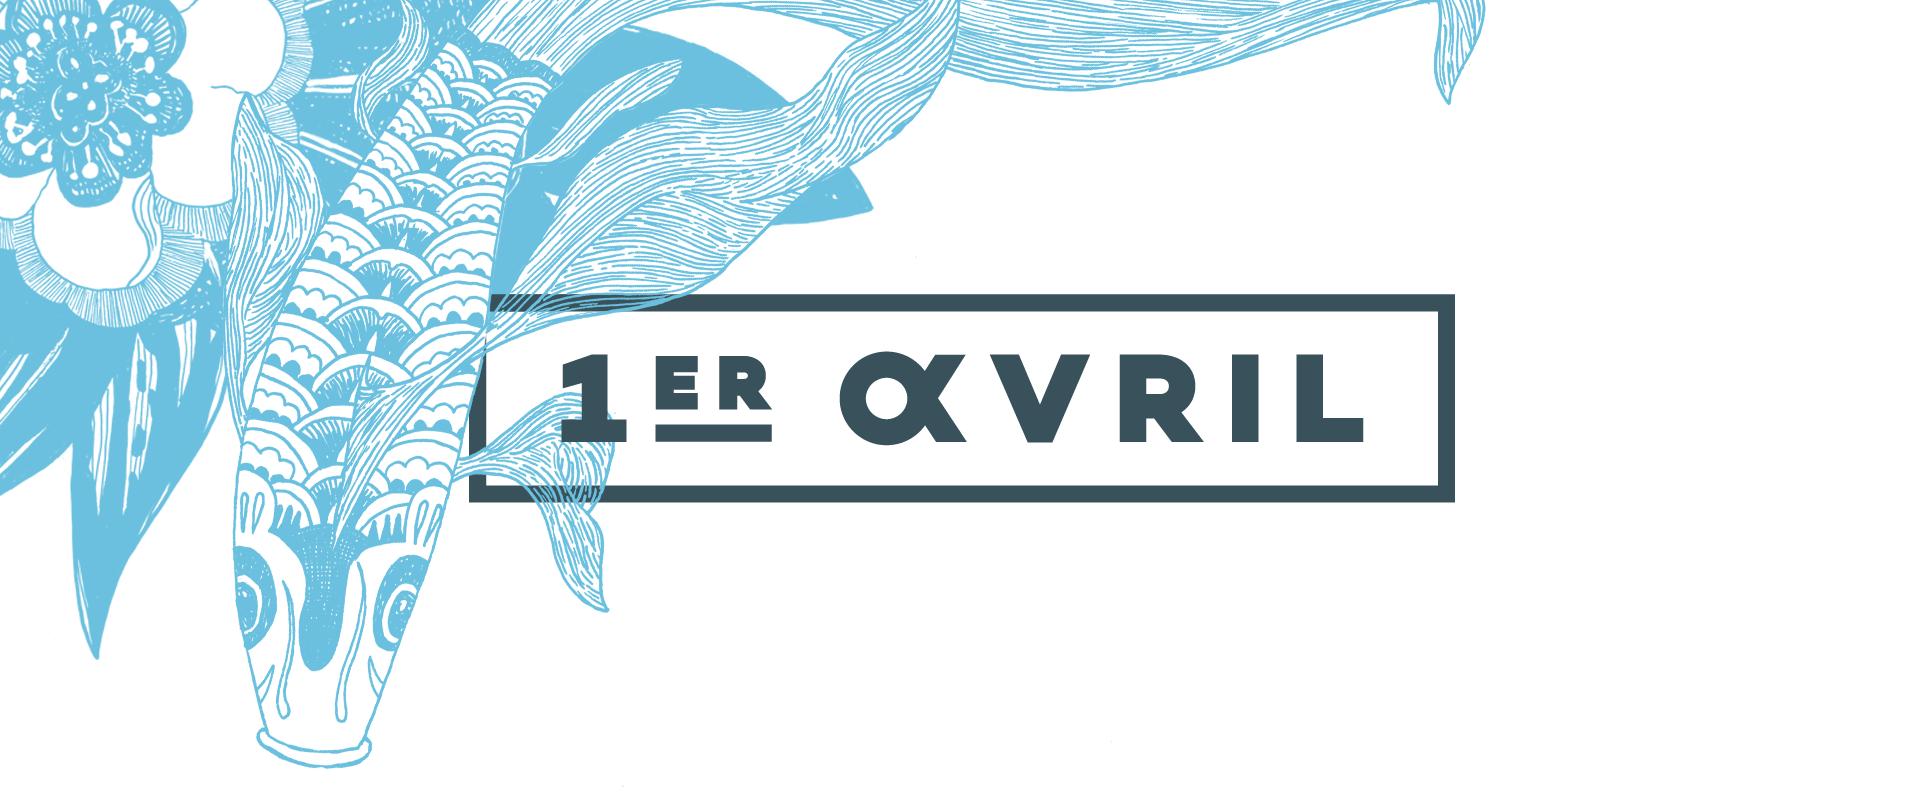 logo-1er-avril